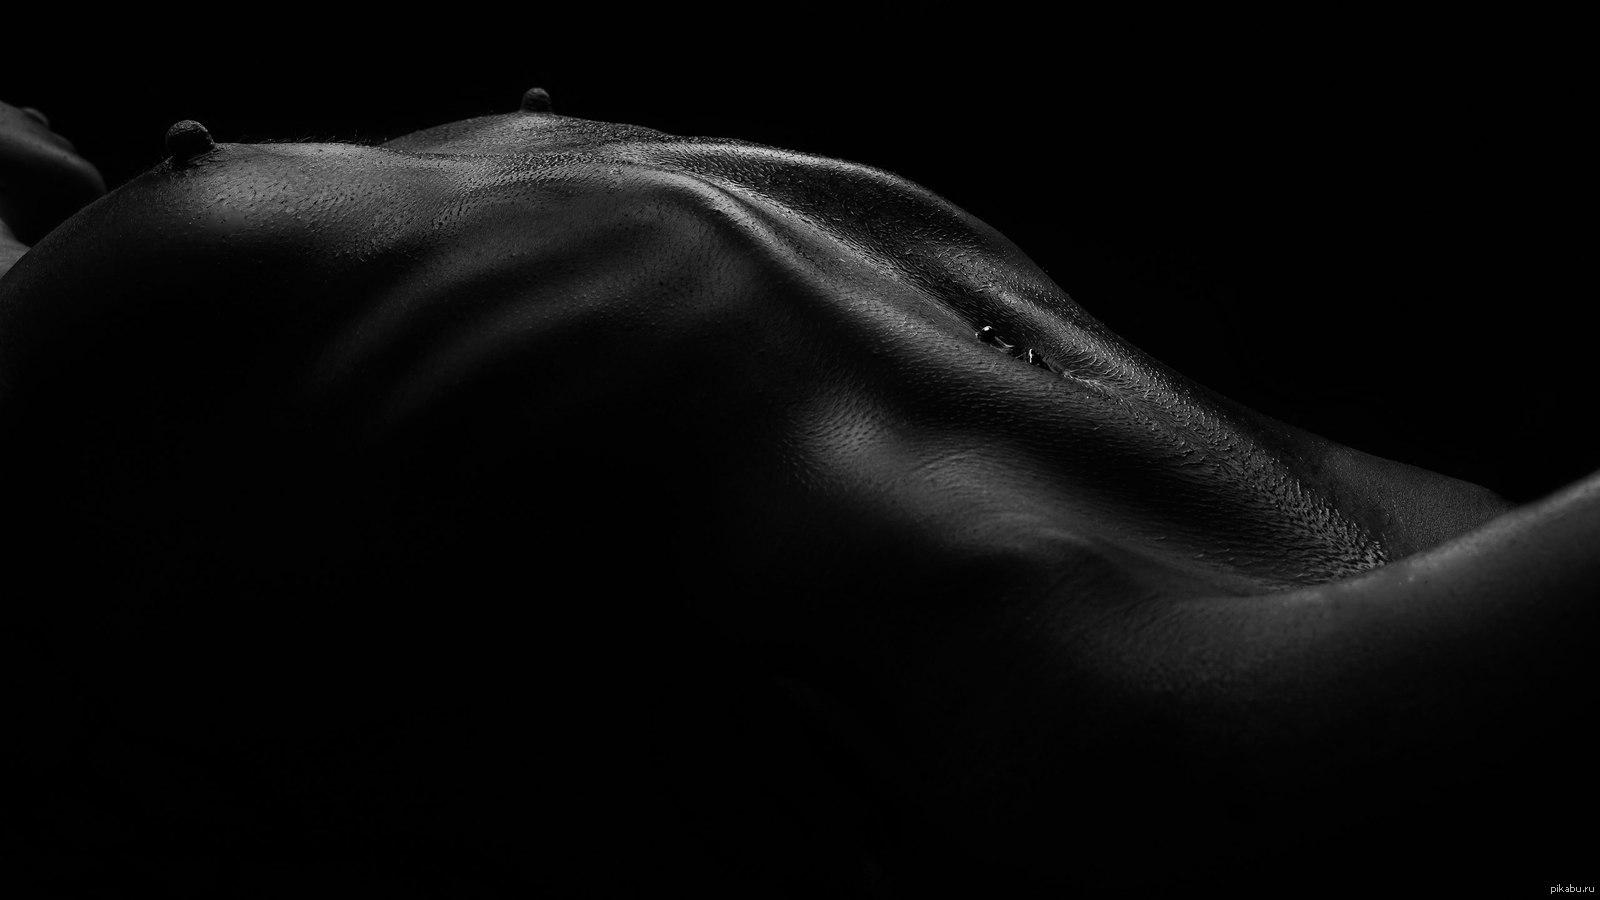 смачная эротика черно-белое фото хотя портите